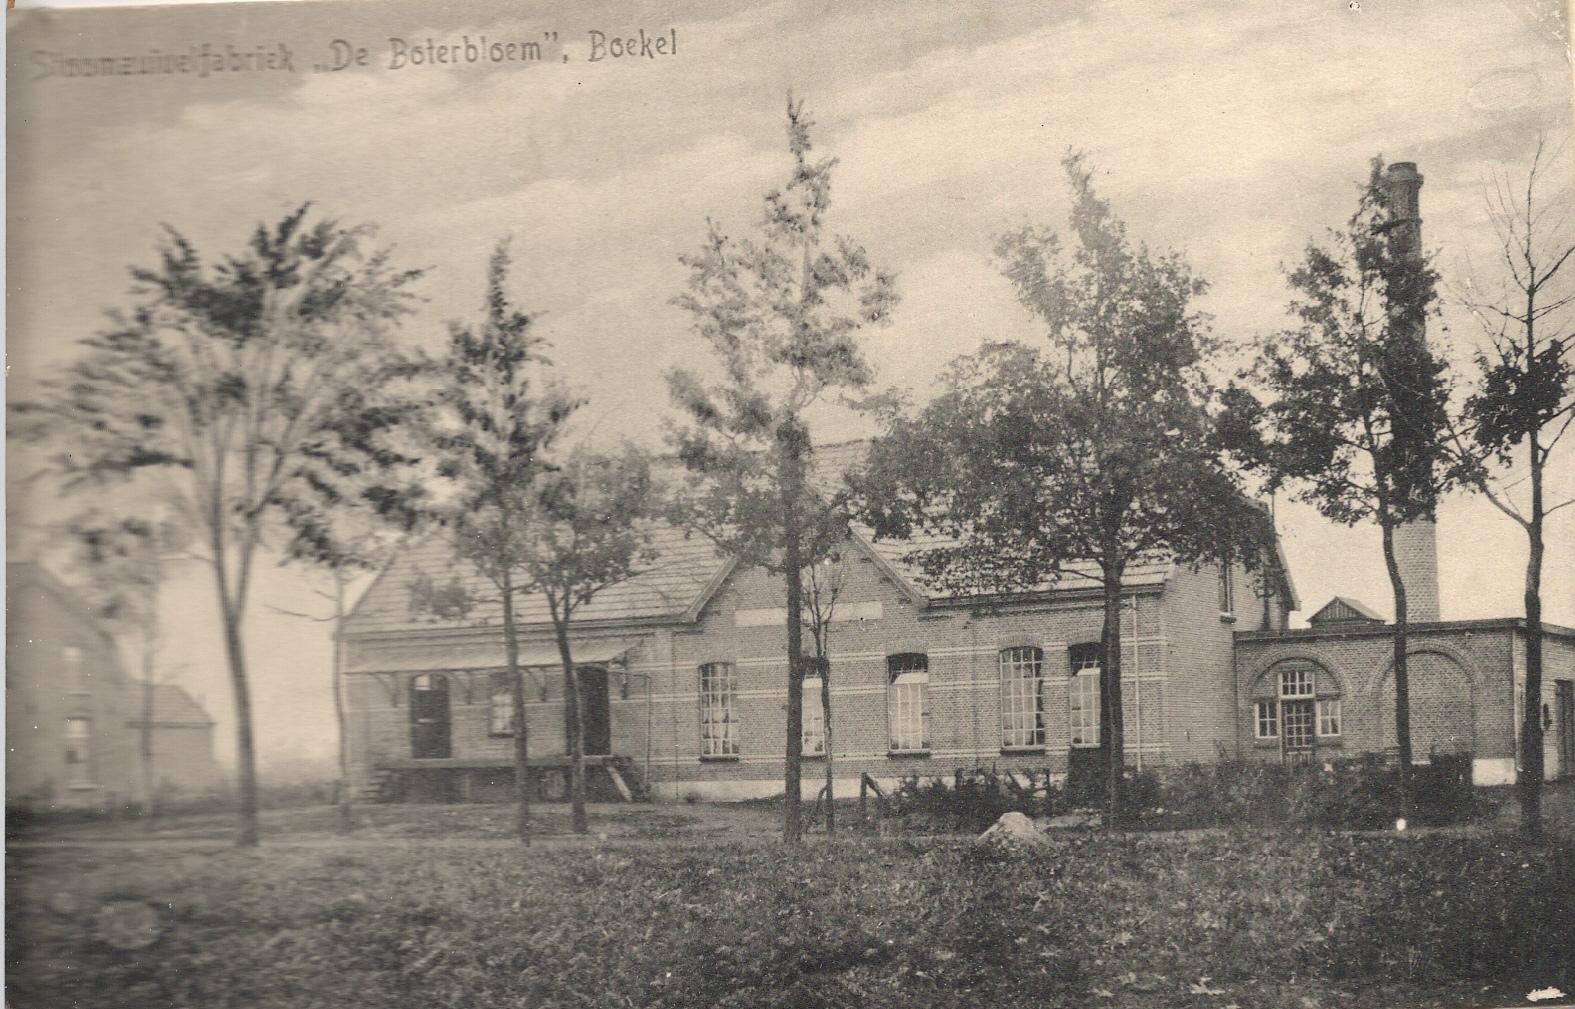 Datering 1917. Boterbloem